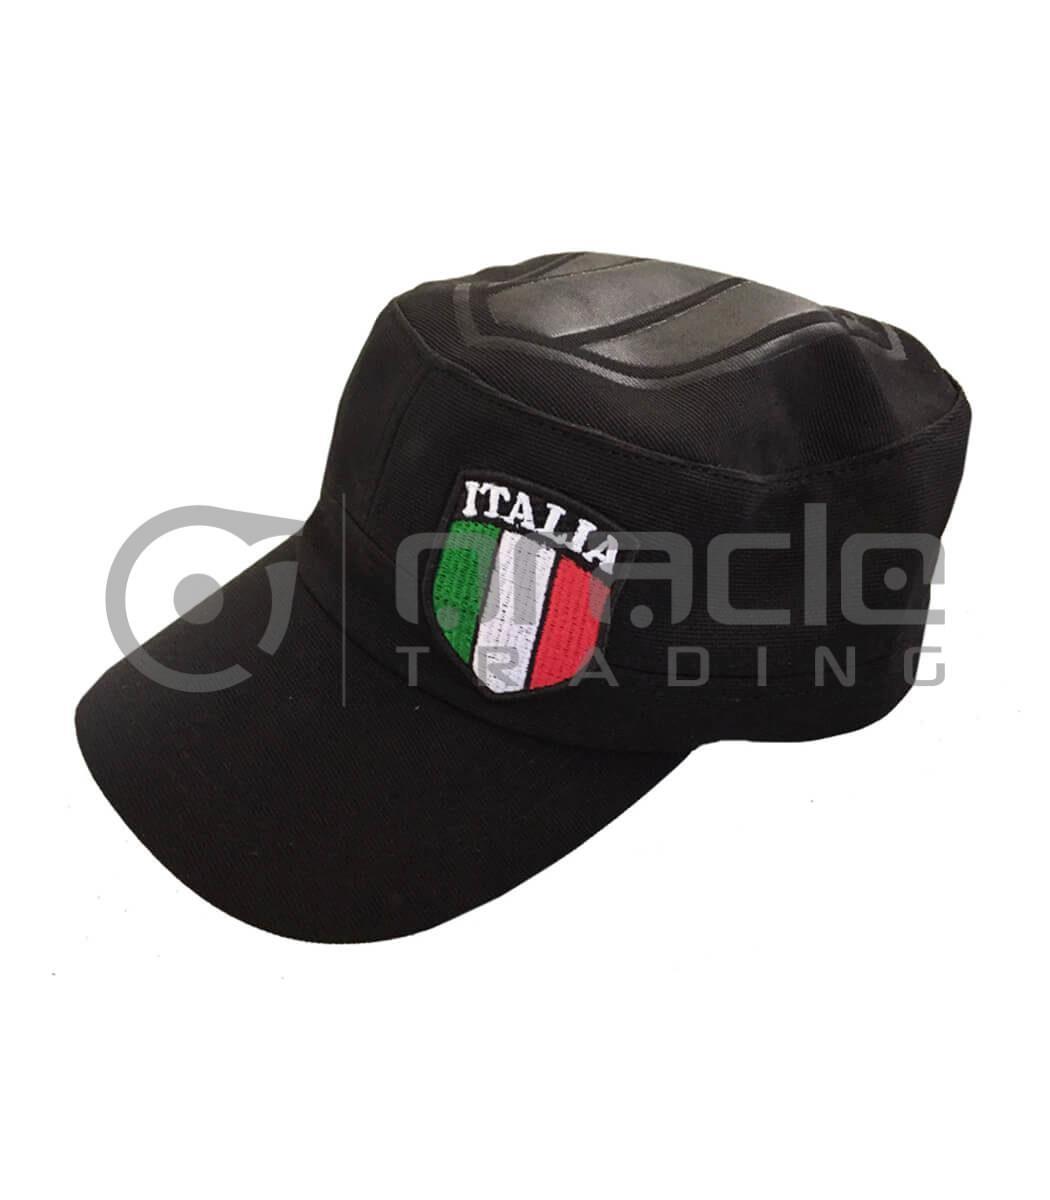 Italia Flex-Fit Army Hat (Black)